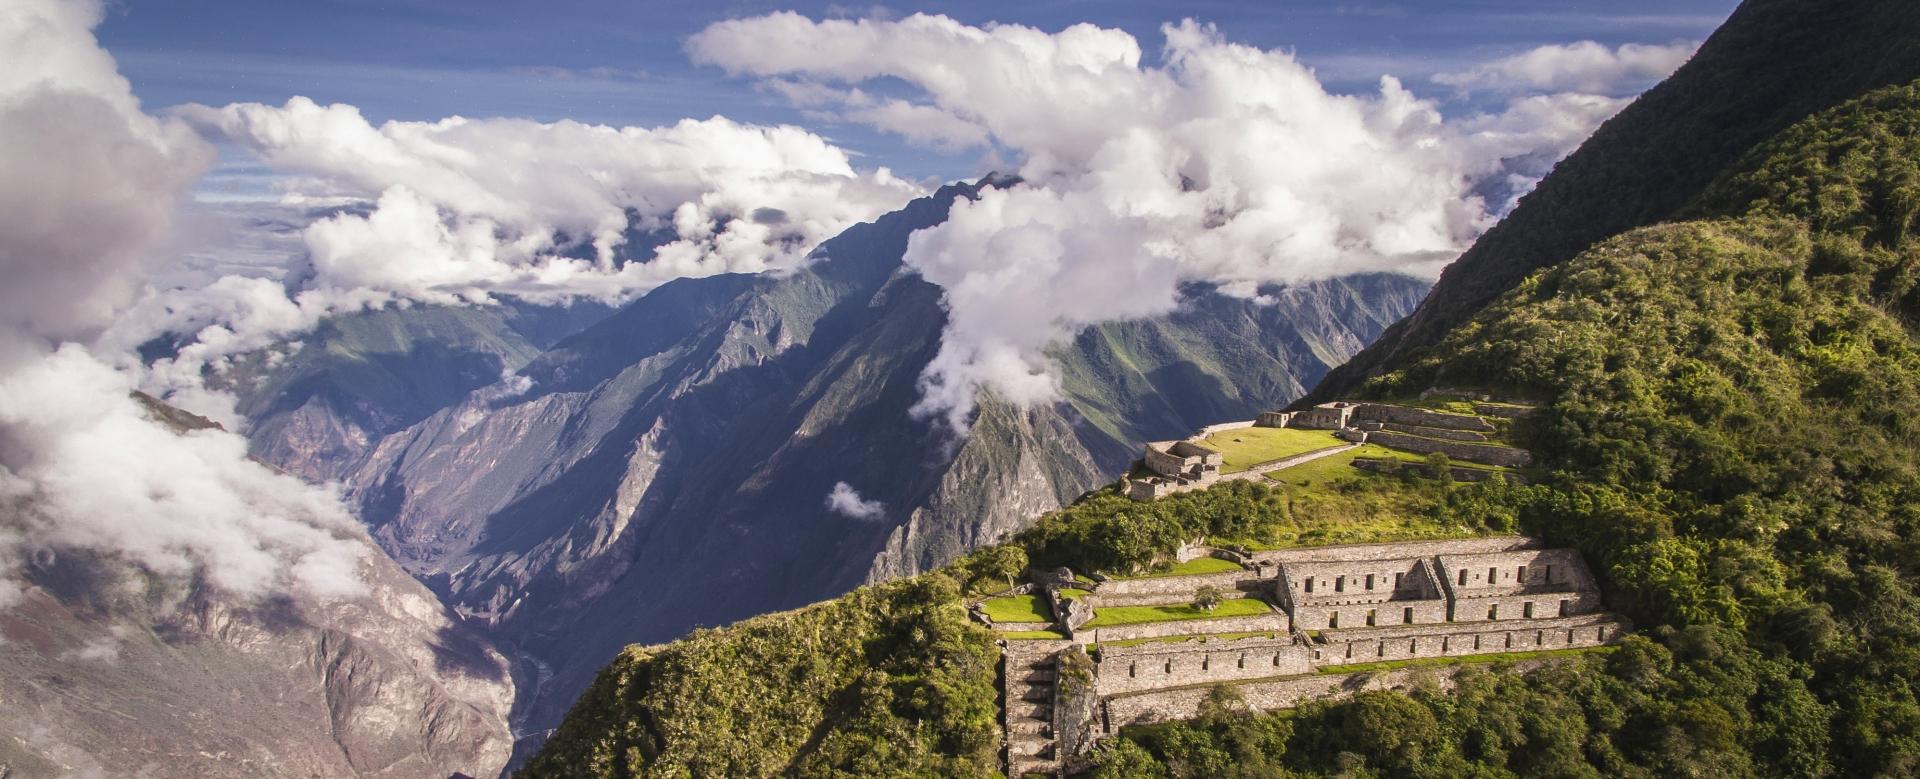 Voyage à pied : Le trek des citadelles incas